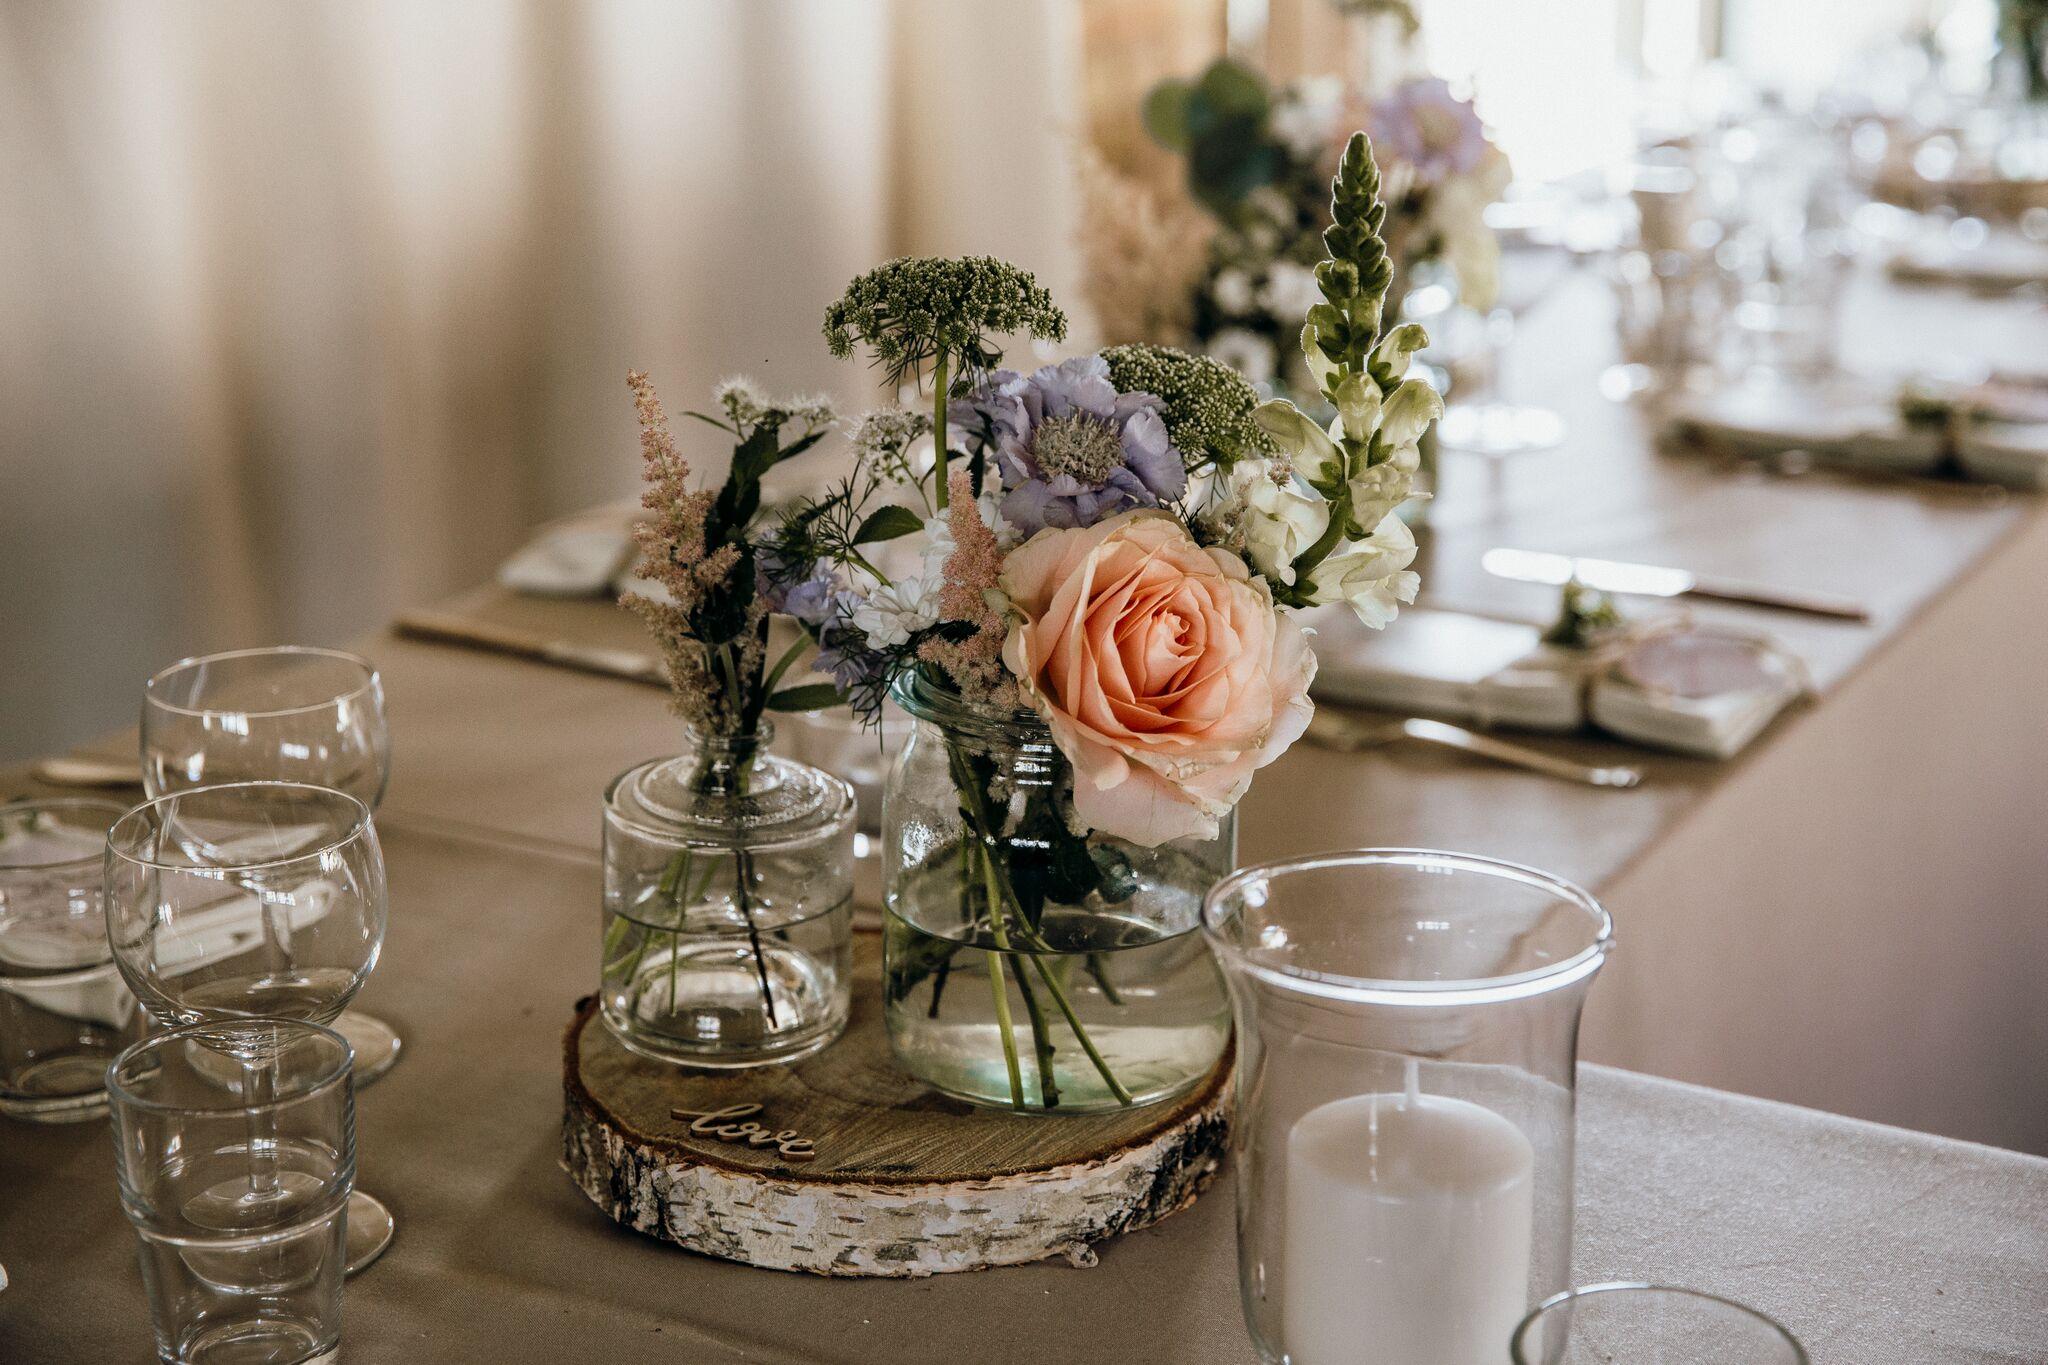 Tischdeko_Vasen_Hochzeit.jpg